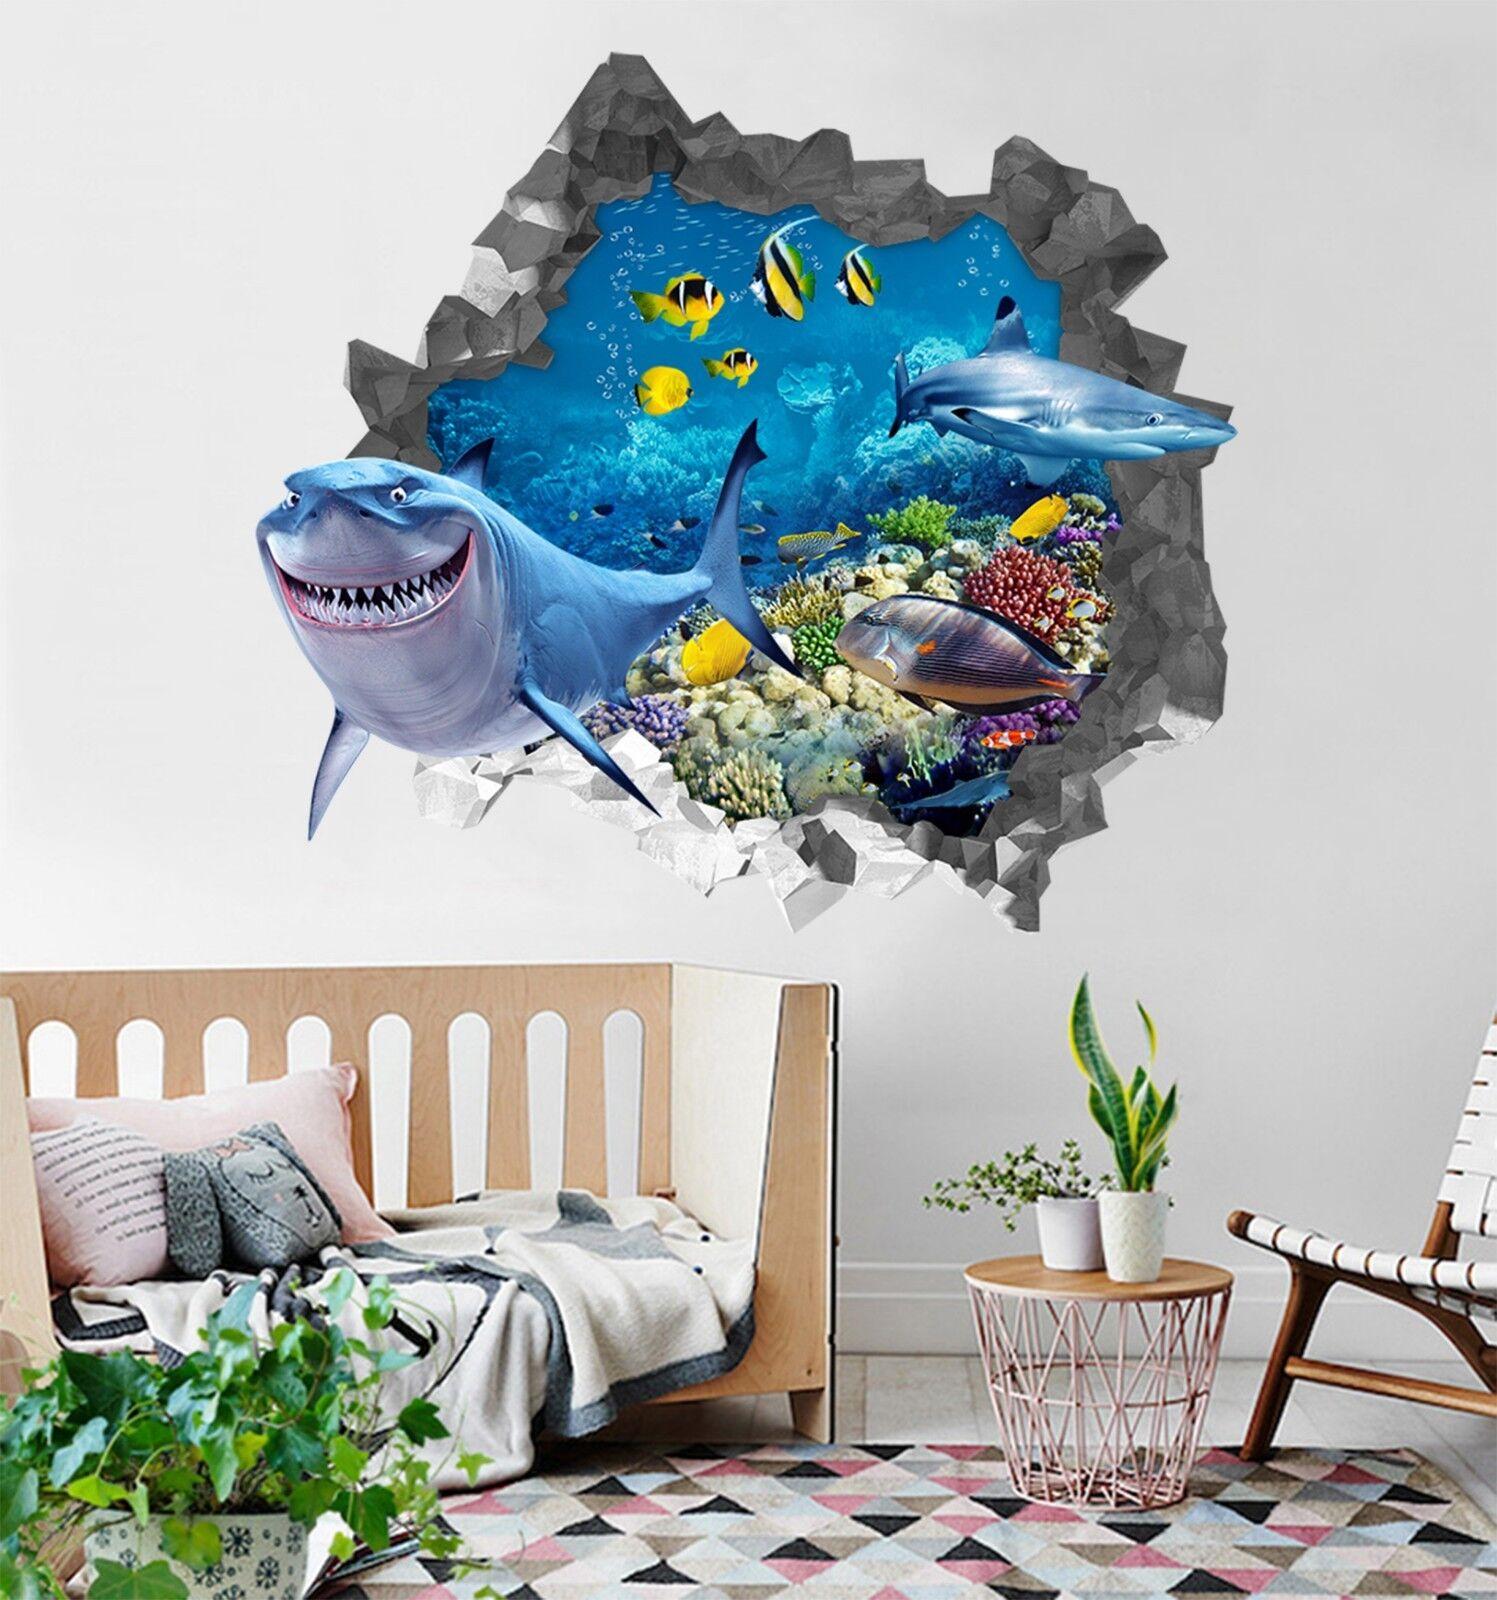 3D Meeresboden 311 Mauer Murals Mauer Aufklebe Decal Durchbruch AJ WALLPAPER DE